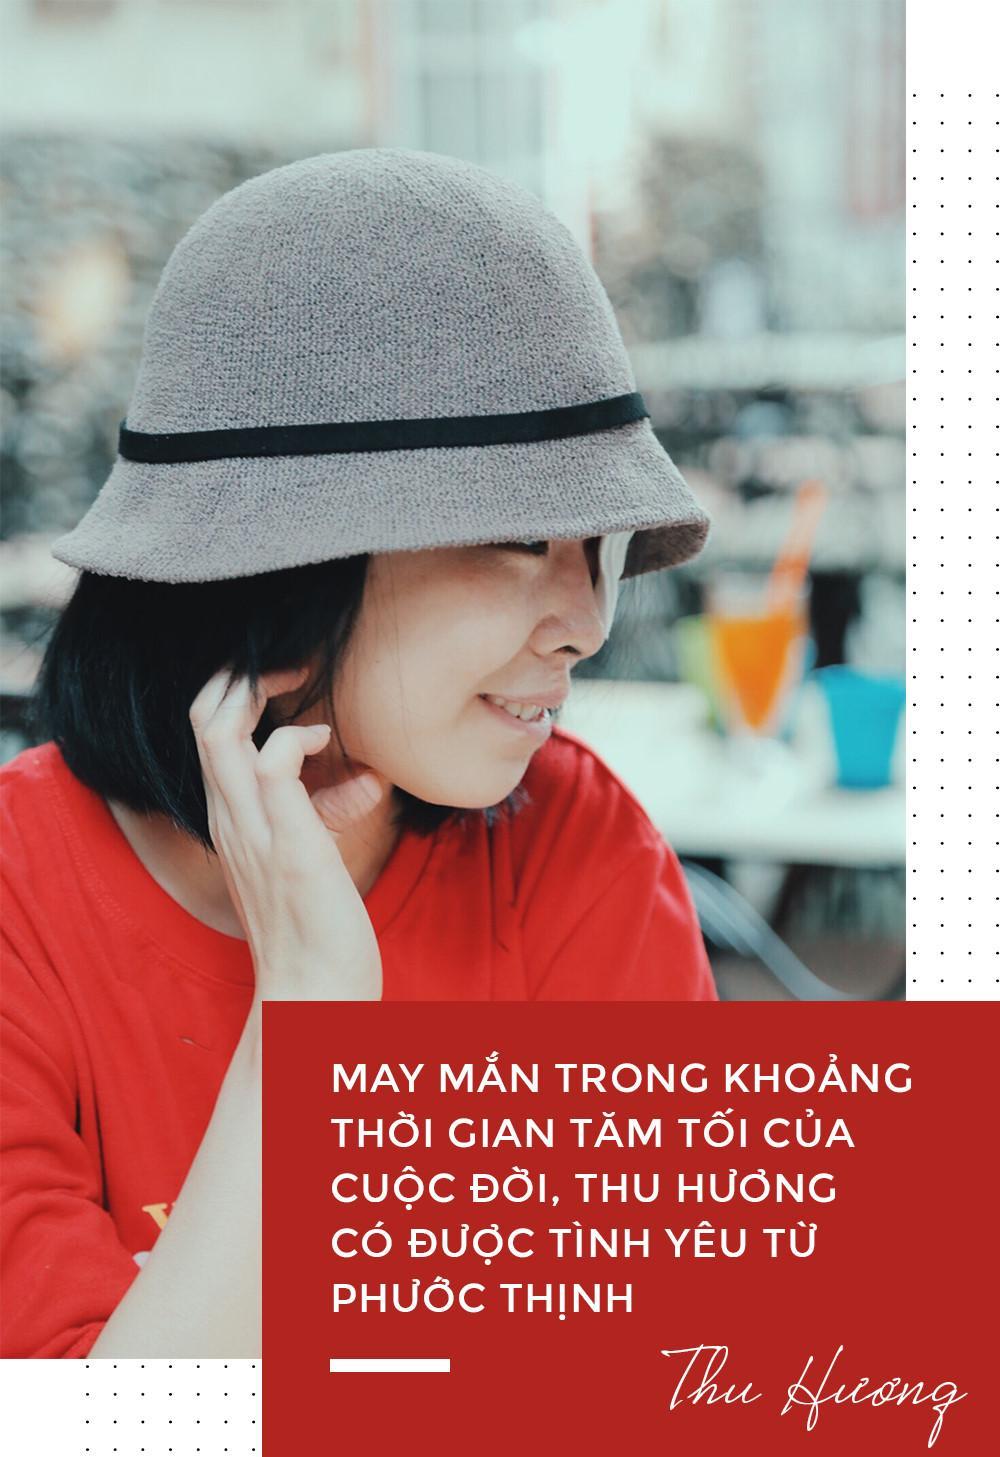 Nữ sinh bị tạt axit ở Sài Gòn: Tình yêu chợt đến khi đời tăm tối nhất!-6